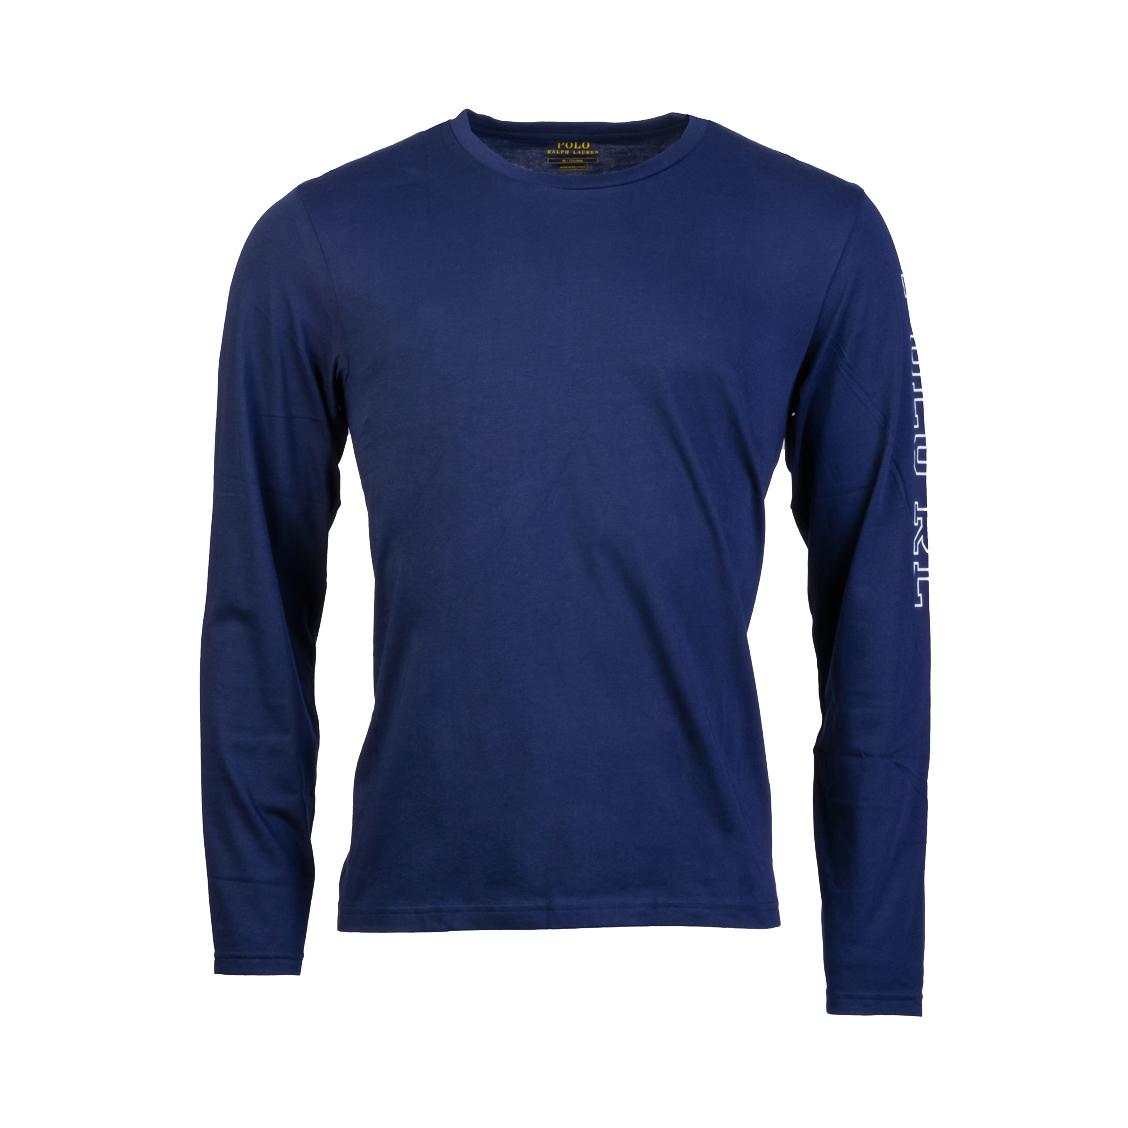 Tee-shirt manches longues col rond  en coton bleu marine floqué sur la manche